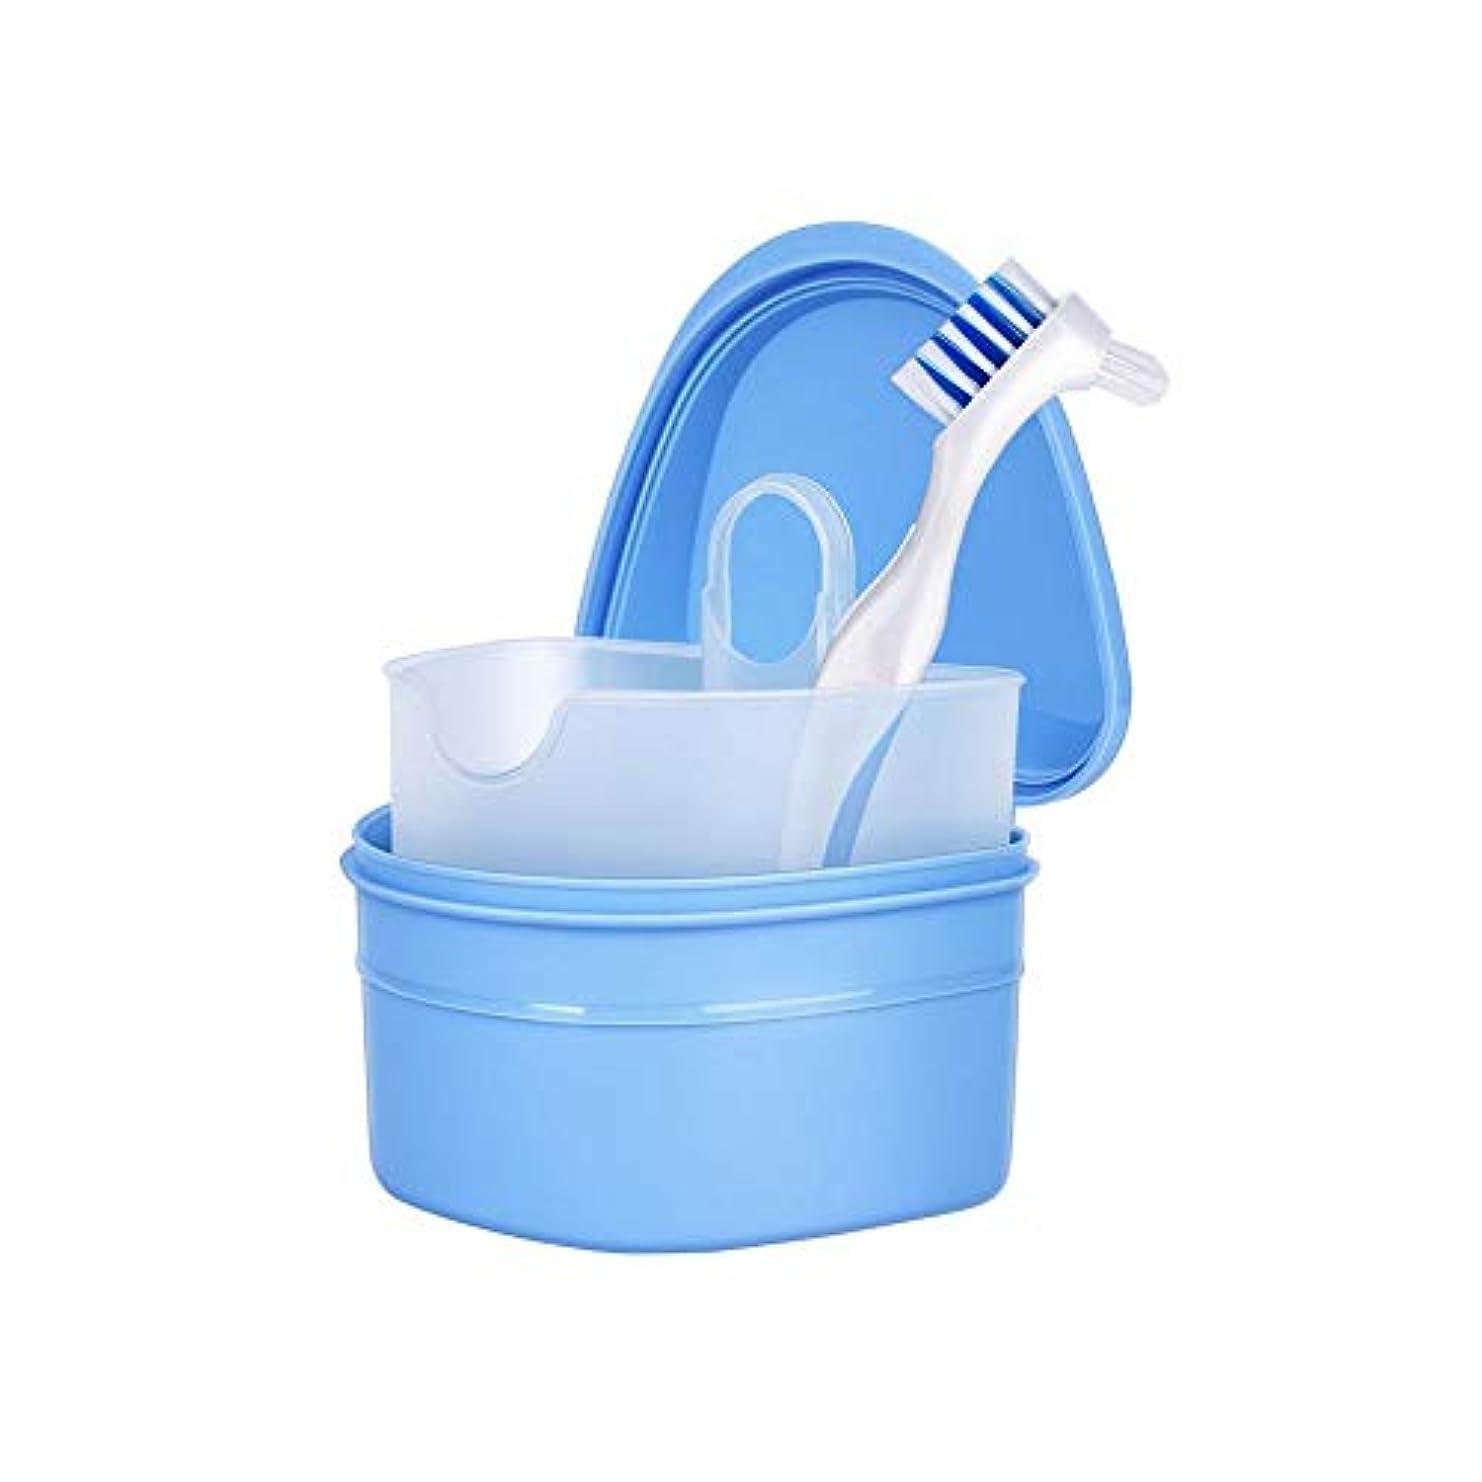 安息土器アセンブリ入れ歯ケース 入れ歯収納 ブラシ付 義歯箱 リテーナーボックス 防水 軽量 ミニ 携帯用 家庭 旅行 出張 義歯収納容器